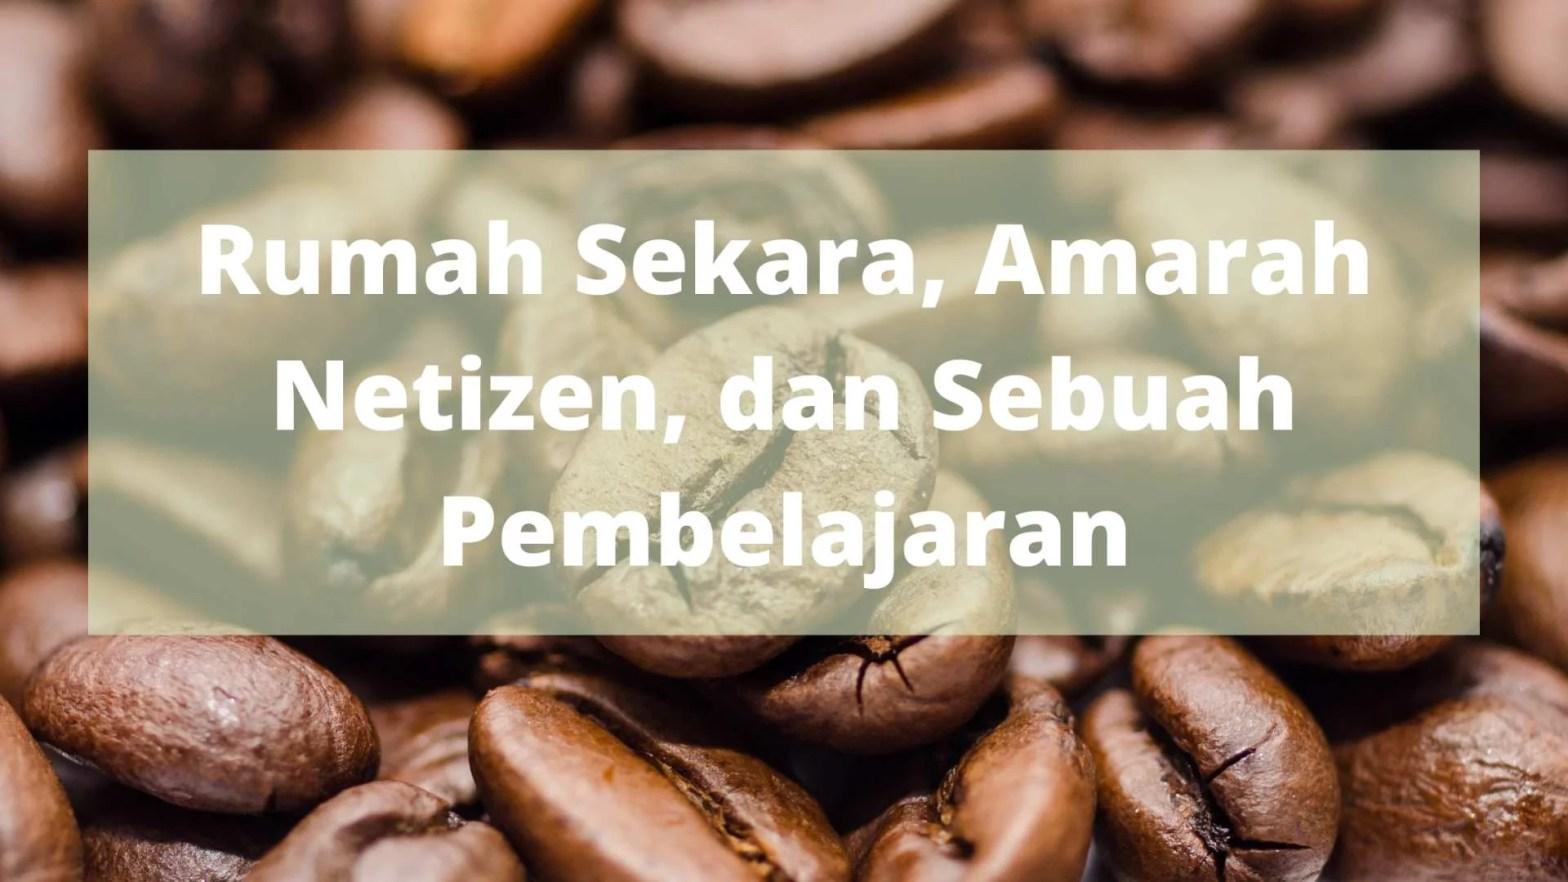 Rumah Sekara dan Netizen Indonesia